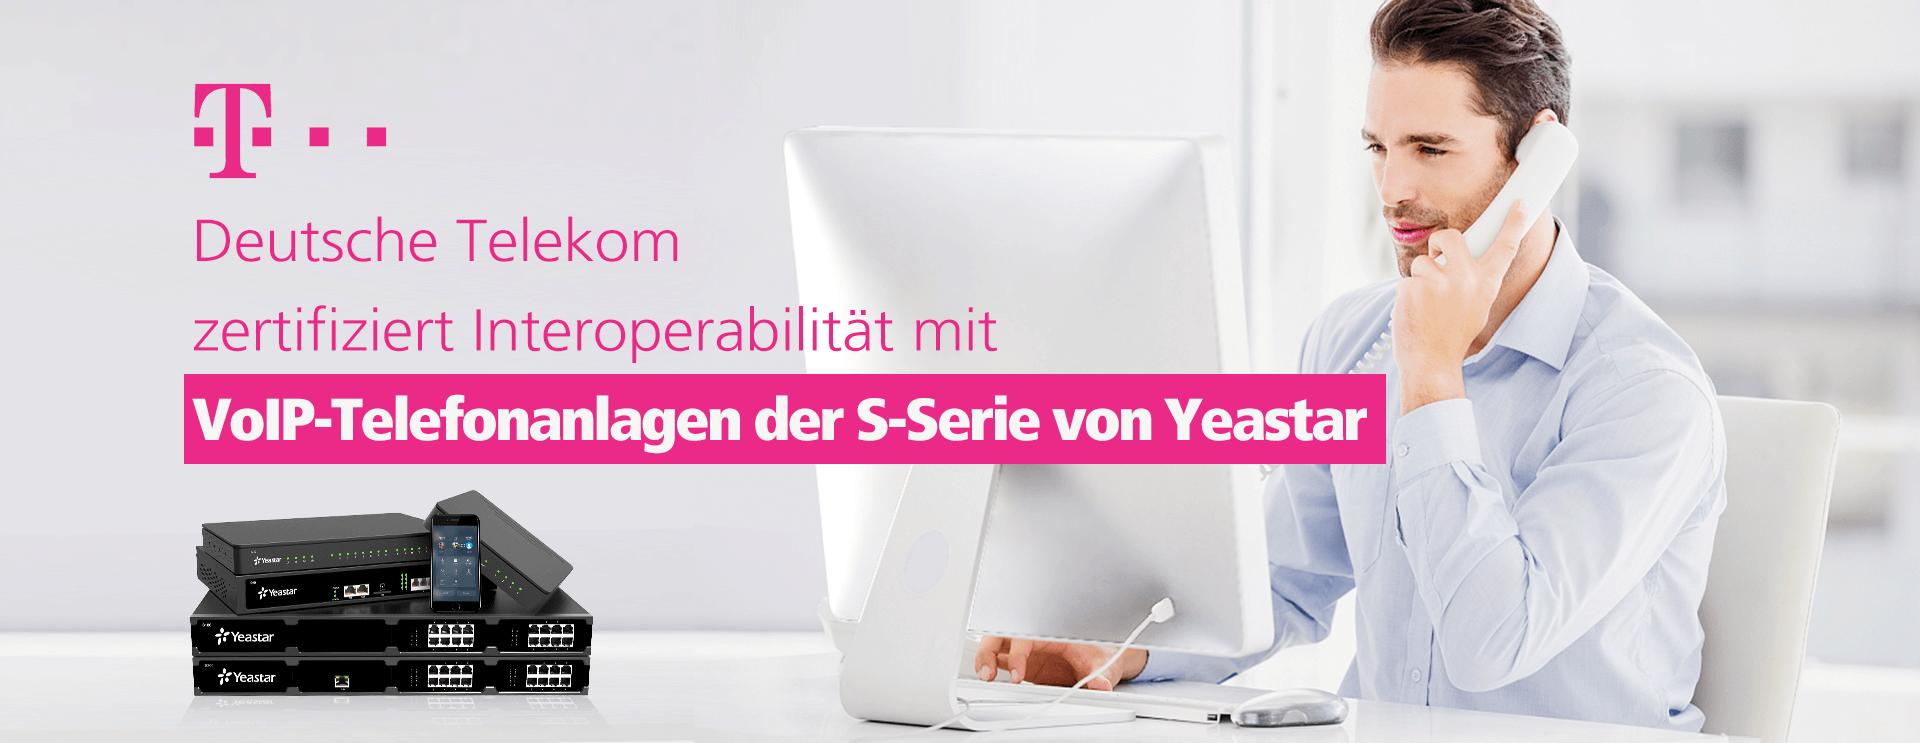 Deutsche-Telekom-Banner_DE